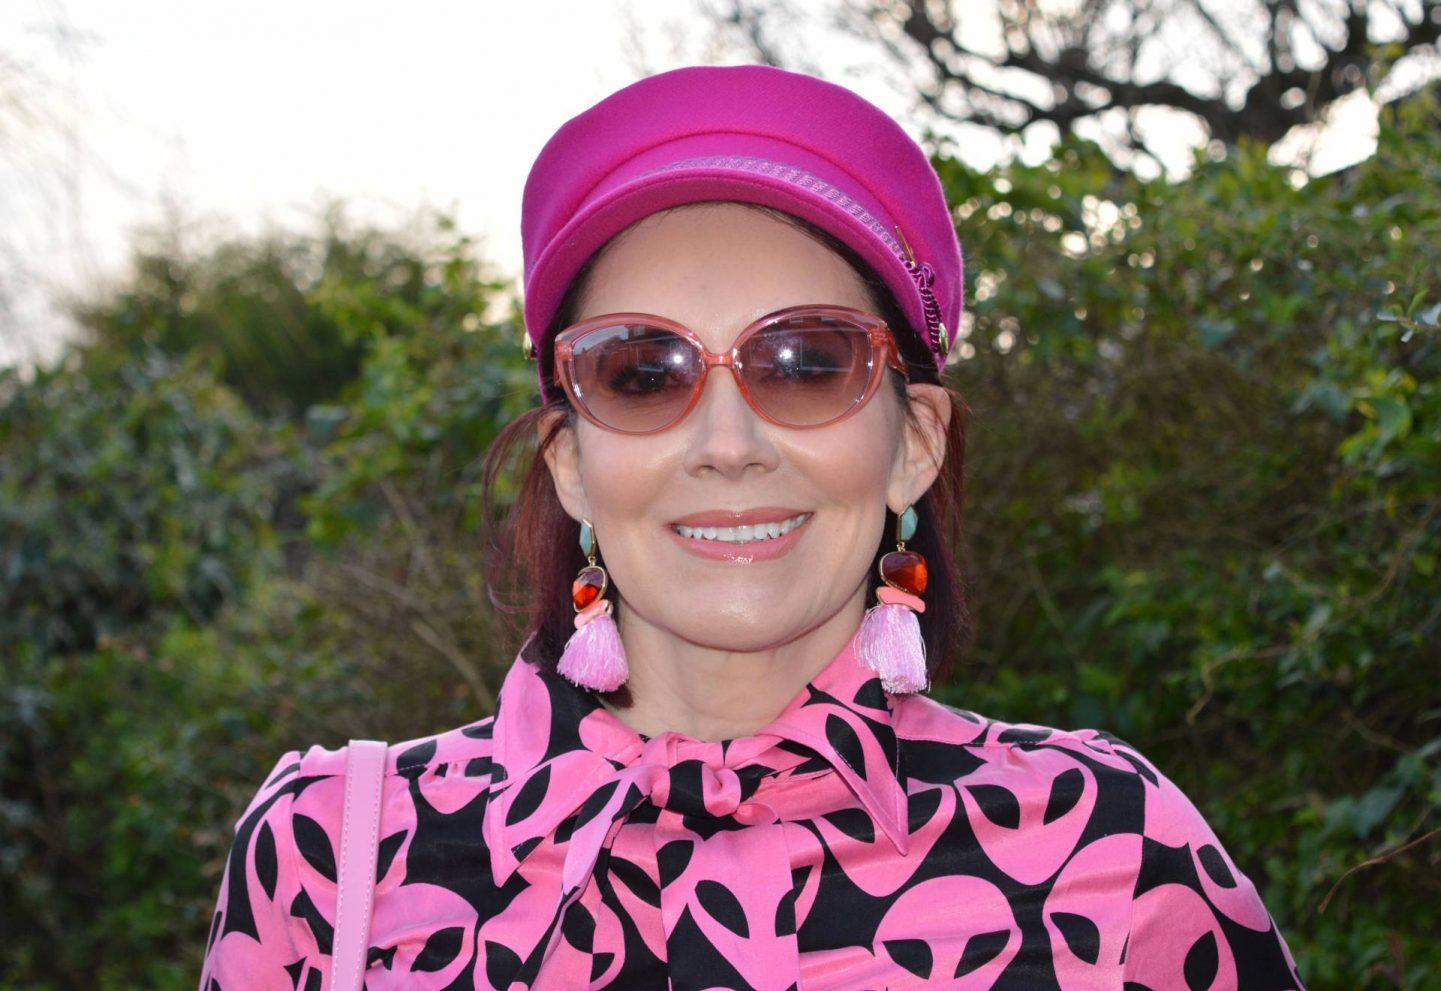 Fabienne Chapot pink cap